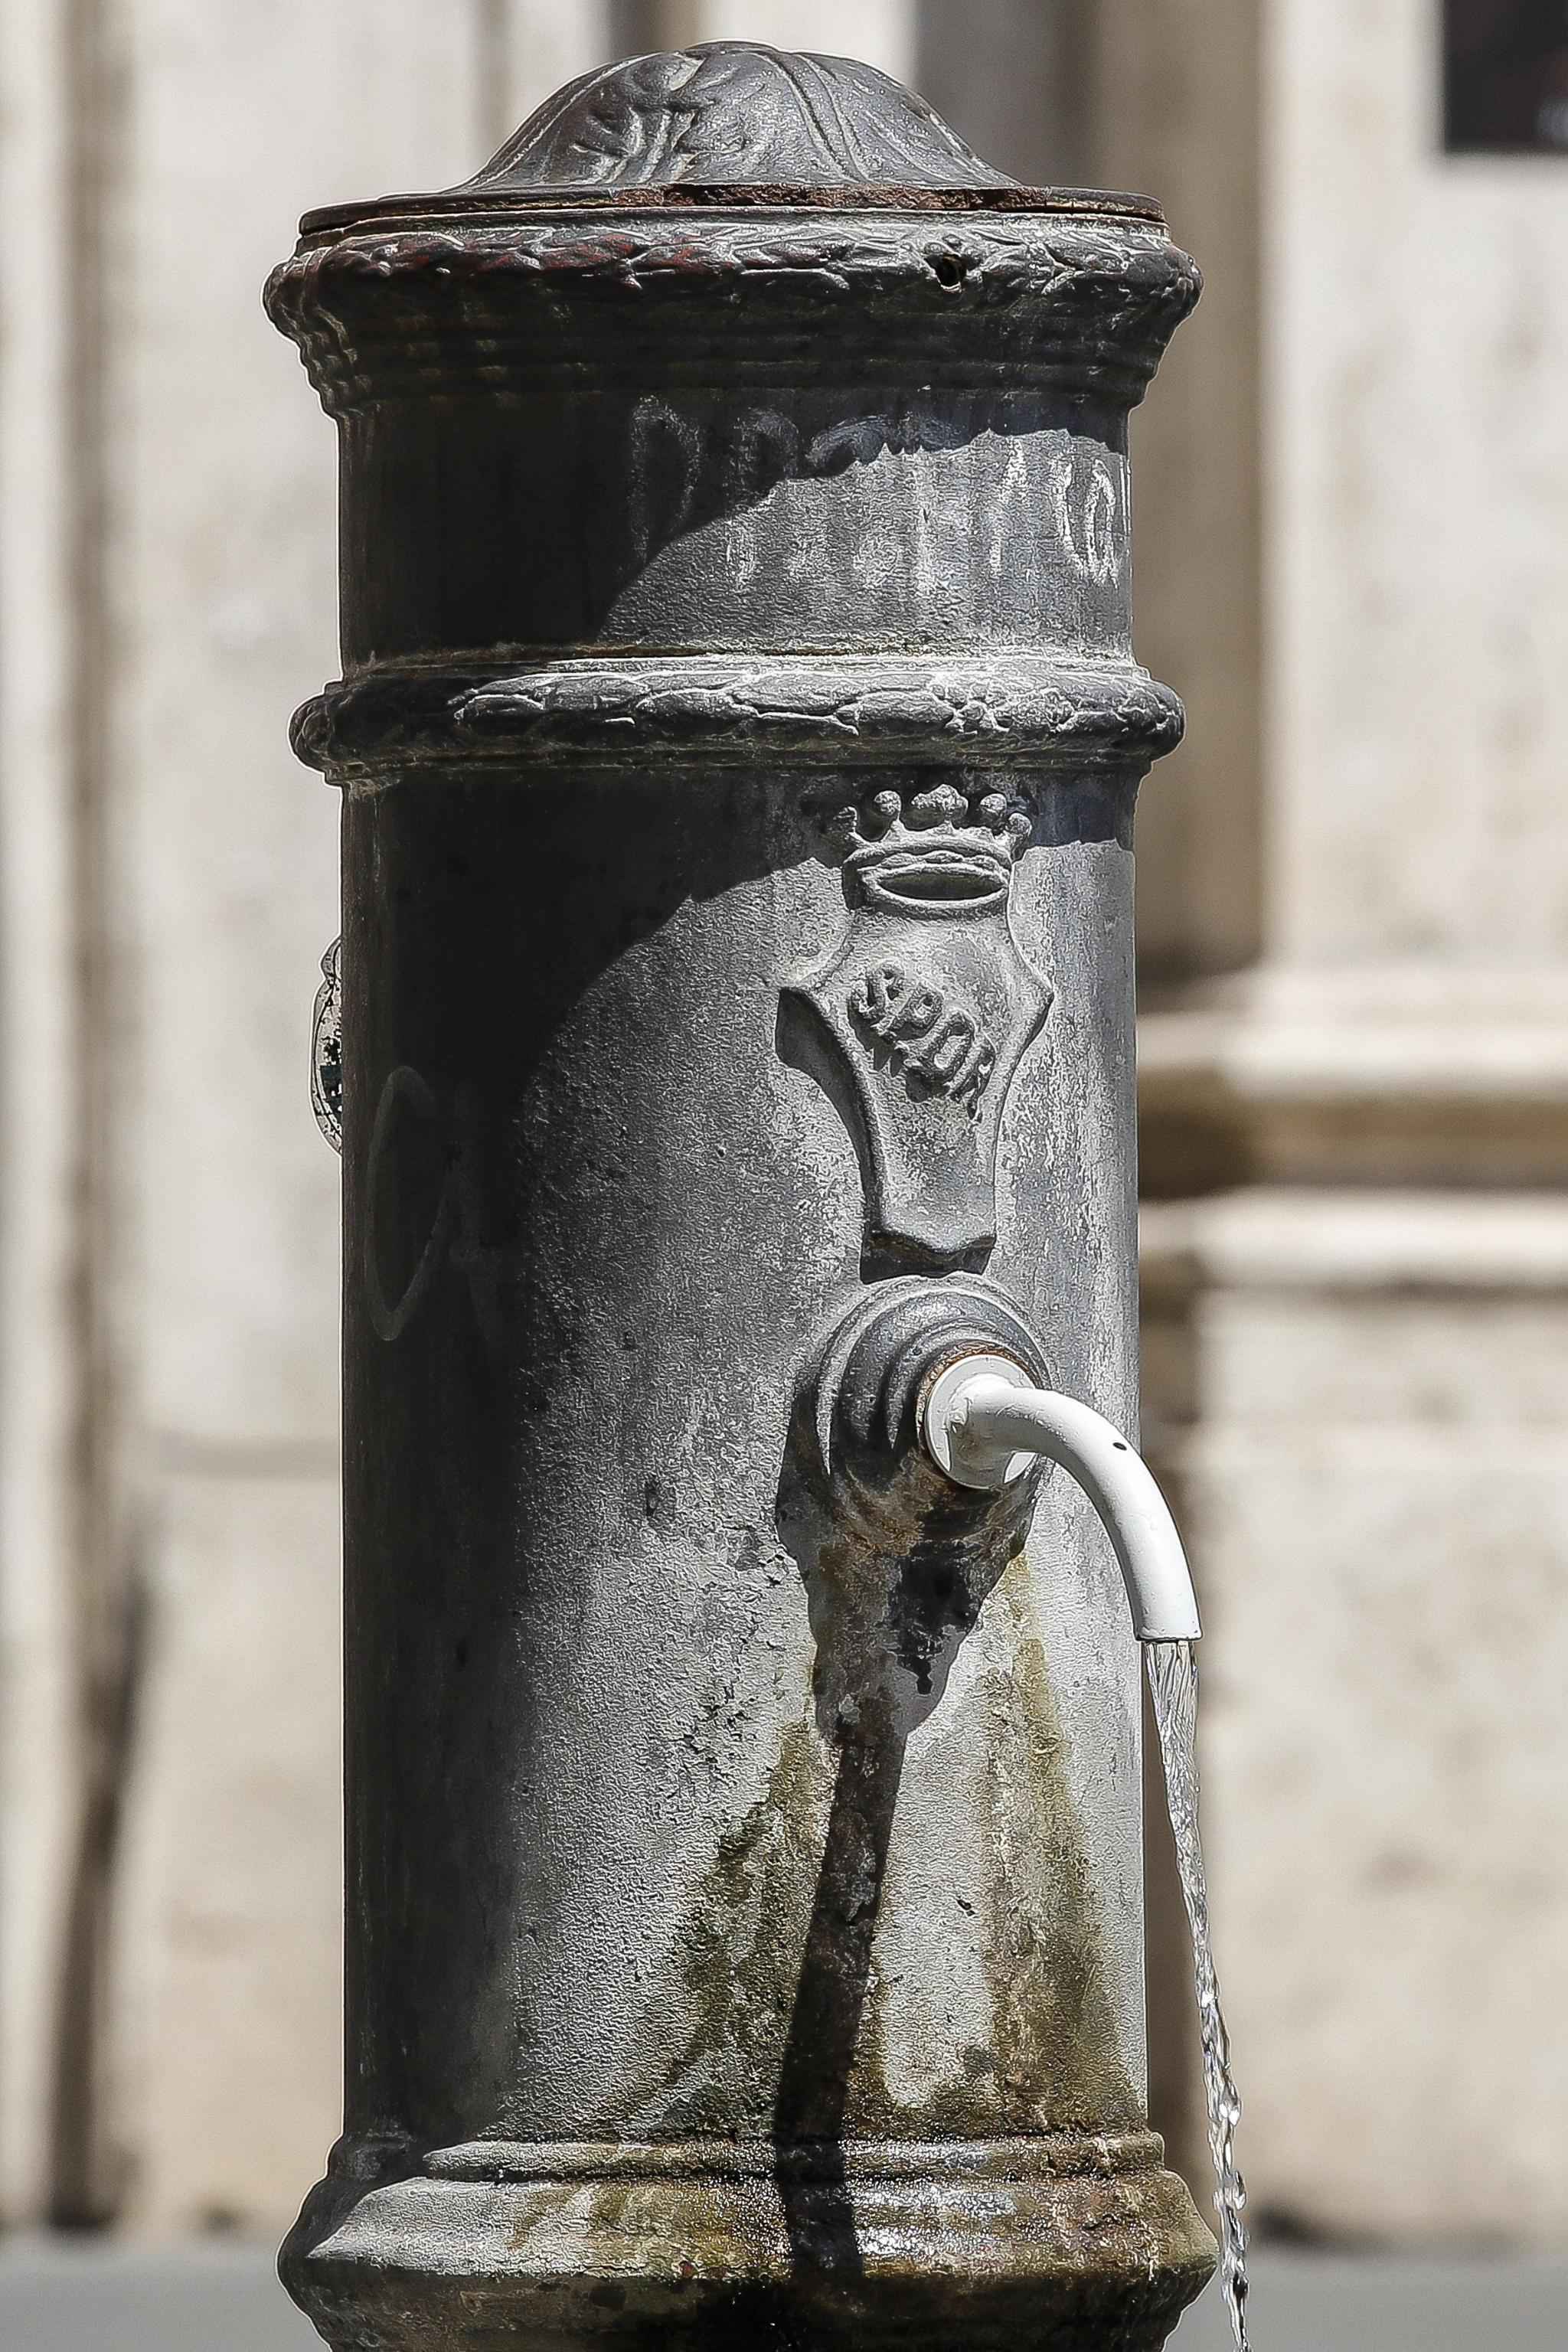 Una delle fontanelle pubbliche di Roma, meglio note come ''nasoni'', per le quali la giunta comunale guidata da Virginia Raggi sta valutando l'ipotesi di una chiusura parziale o totale a causa della siccità e dell'emergenza idrica. Roma, 26 giugno 2017. ANSA/GIUSEPPE LAMI